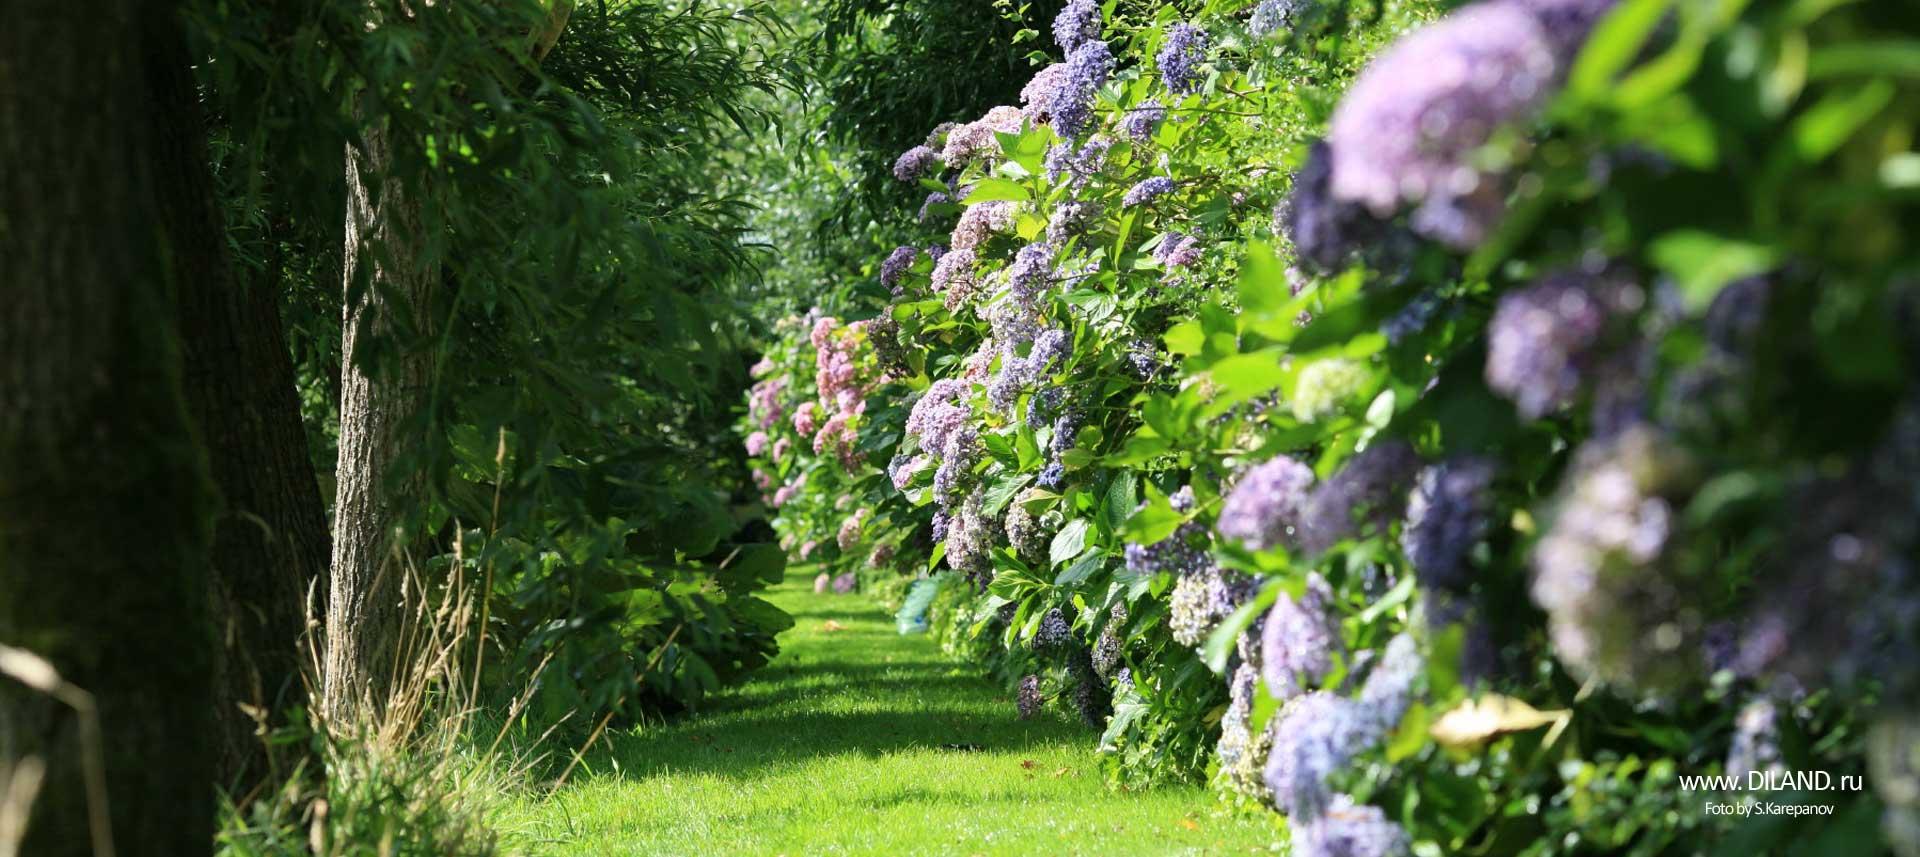 озеленение дворовых территорий фото